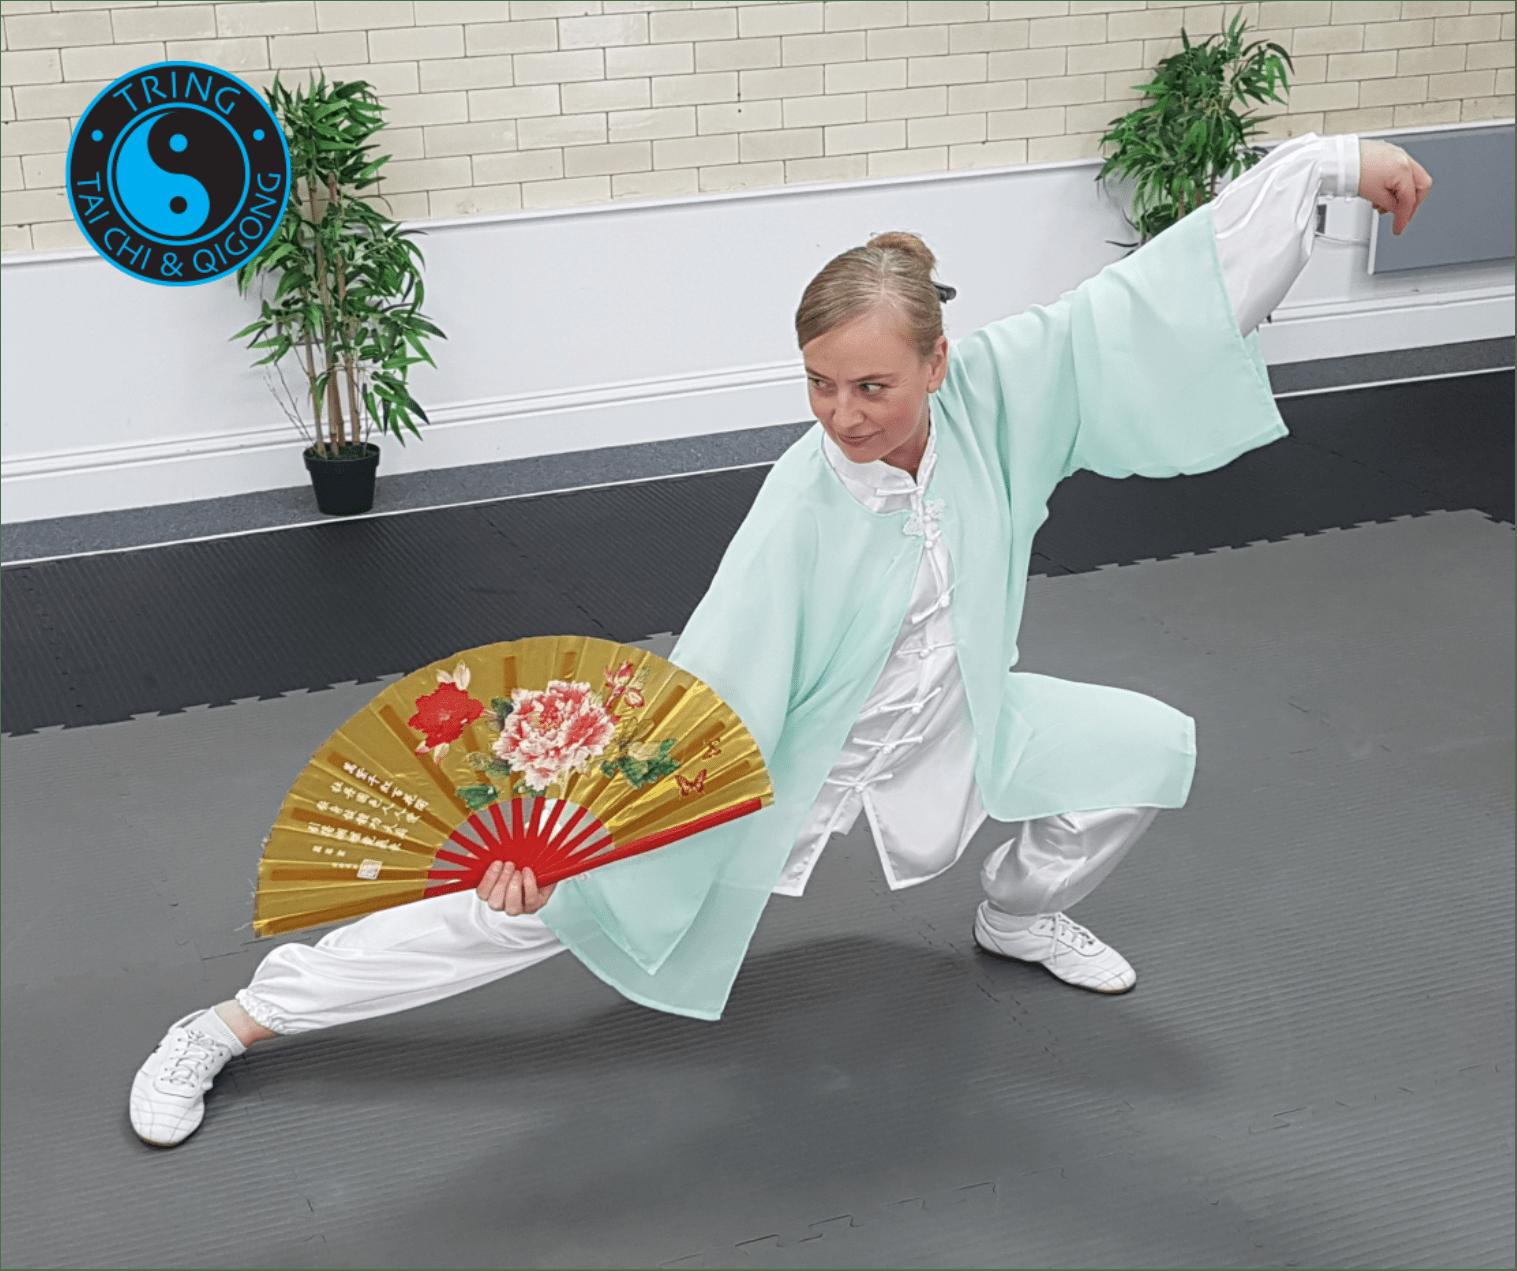 Tai Chi Fan Training coming soon to Tring Tai Chi